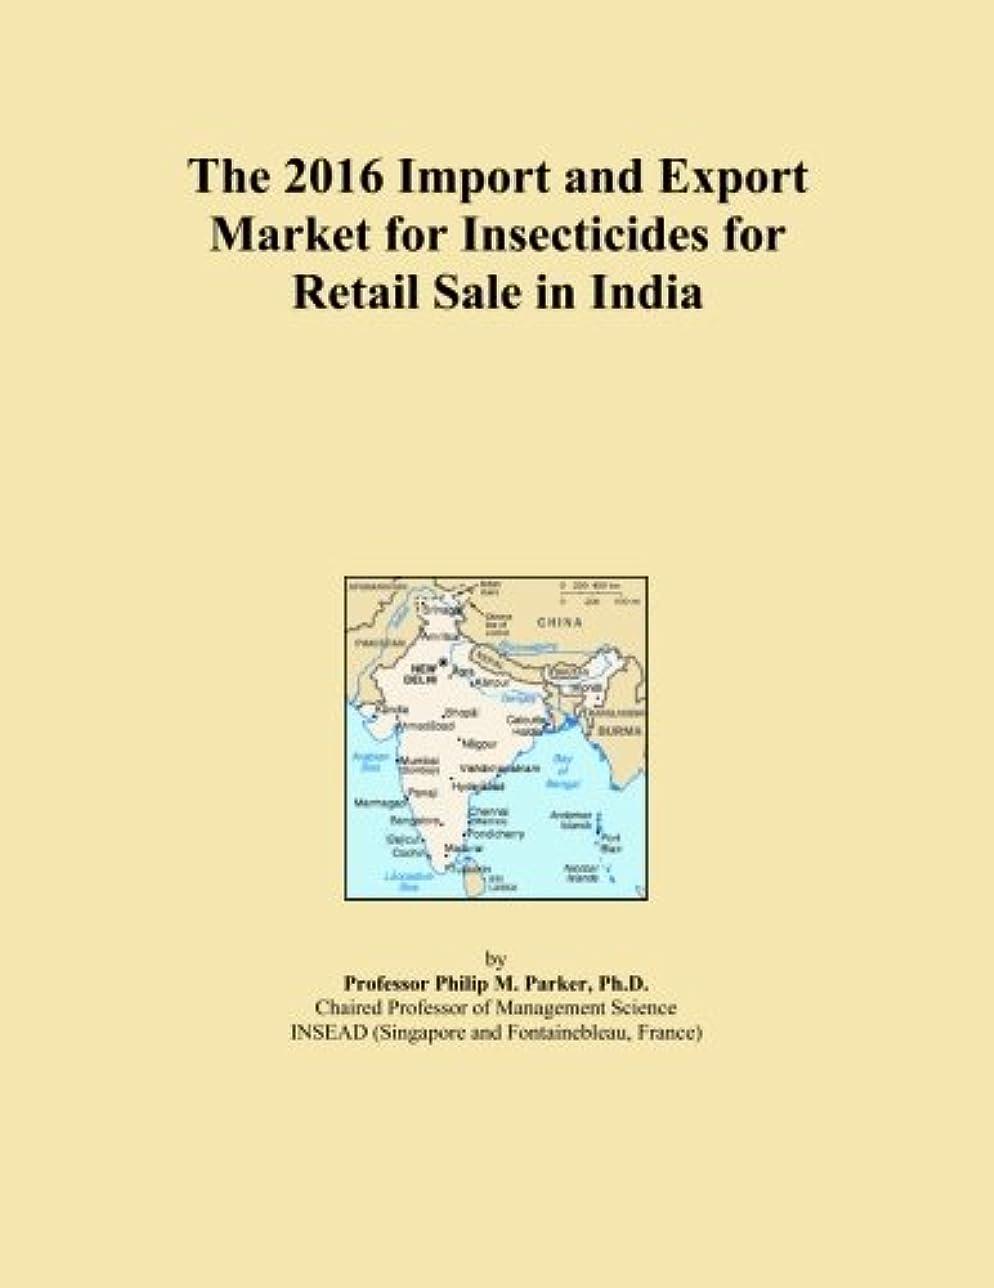 メディックすることになっている拮抗するThe 2016 Import and Export Market for Insecticides for Retail Sale in India